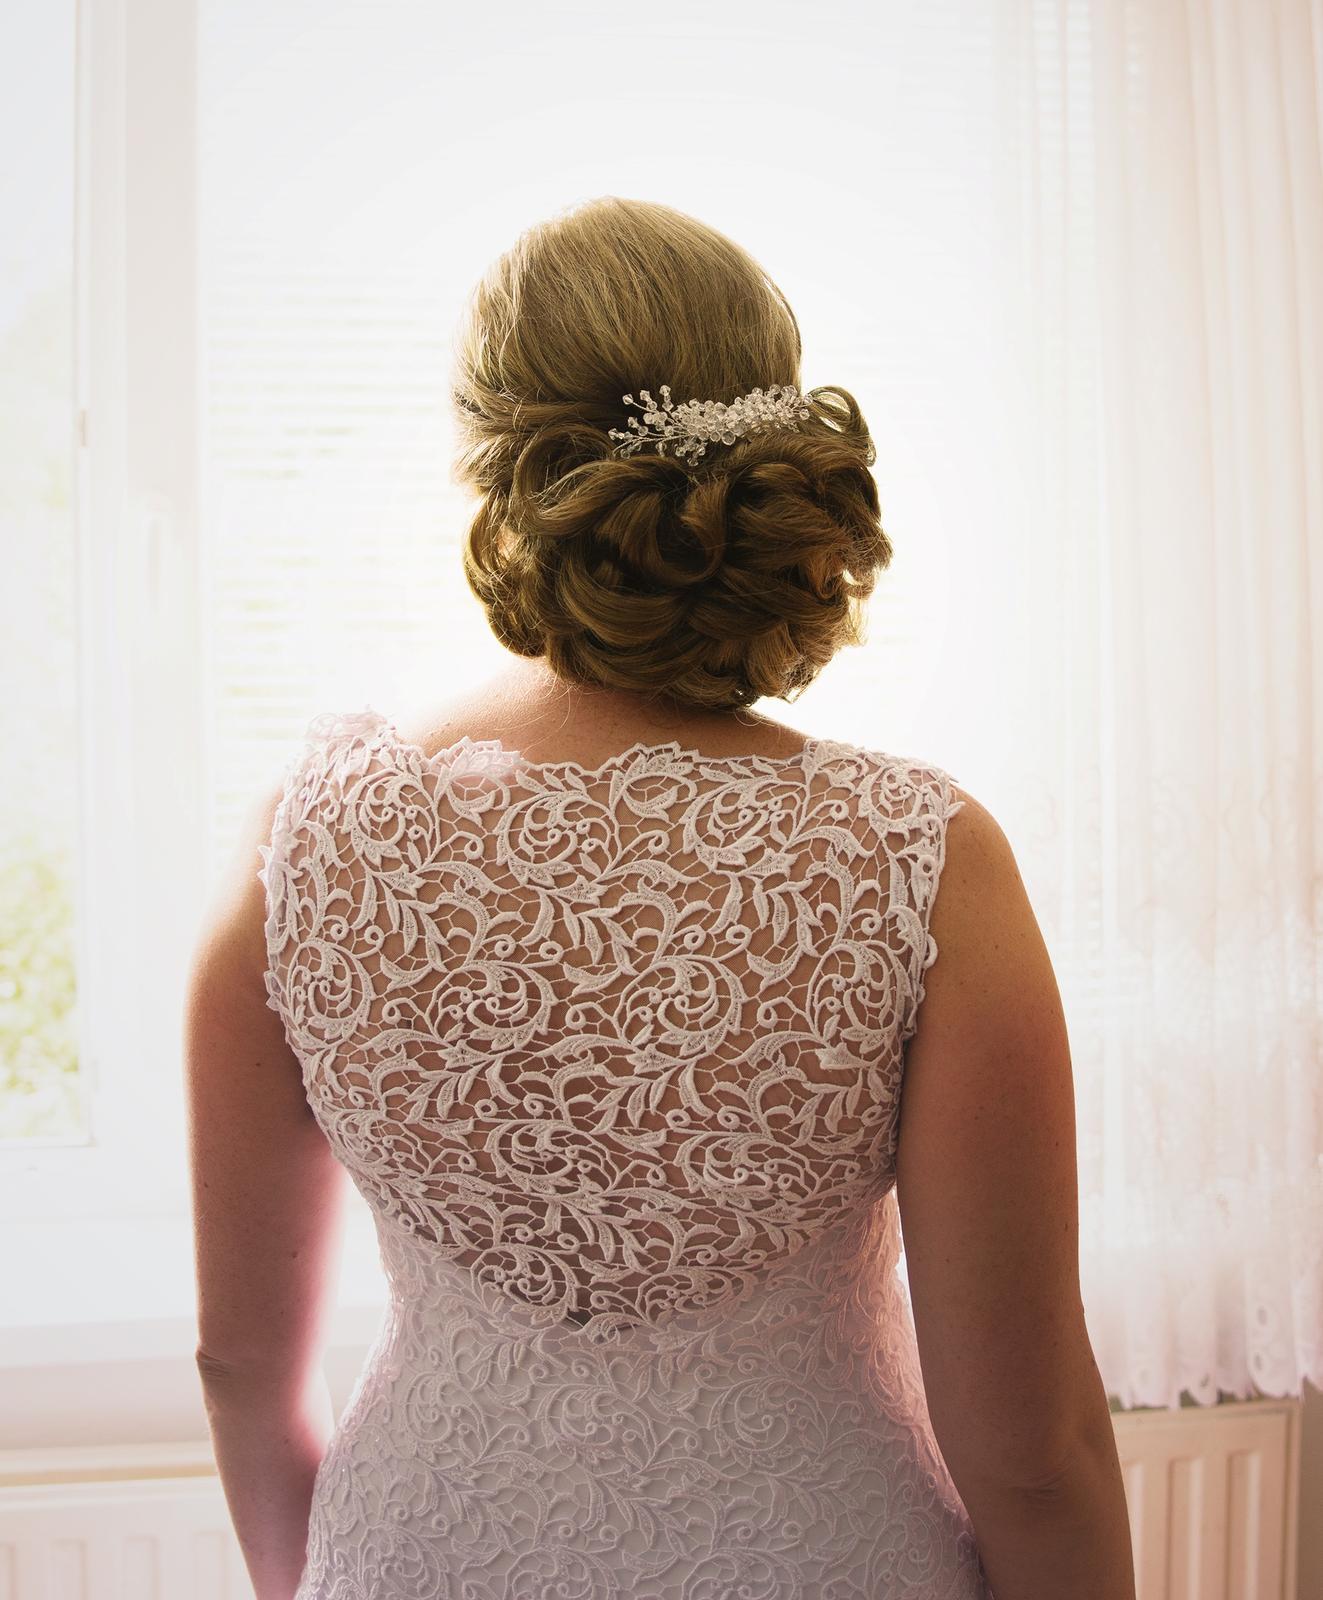 čipkované svadobné šaty 38 - Obrázok č. 2